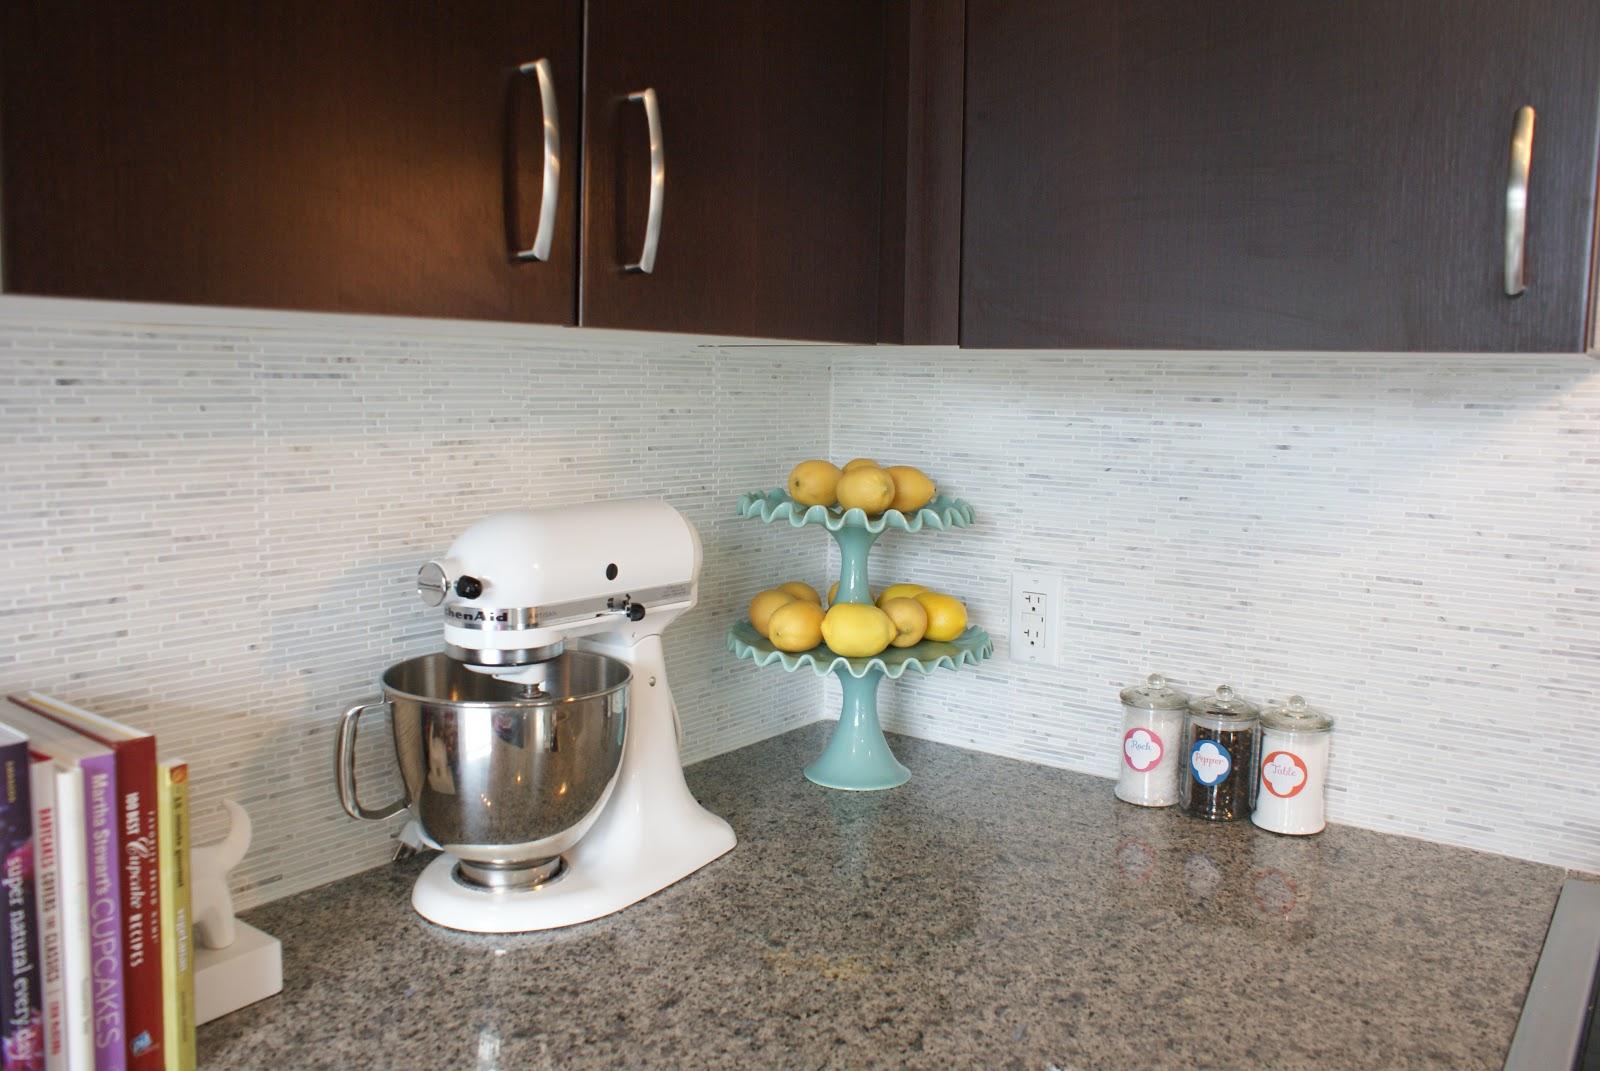 installing our kitchen backsplash installing kitchen backsplash Installing our Kitchen Backsplash